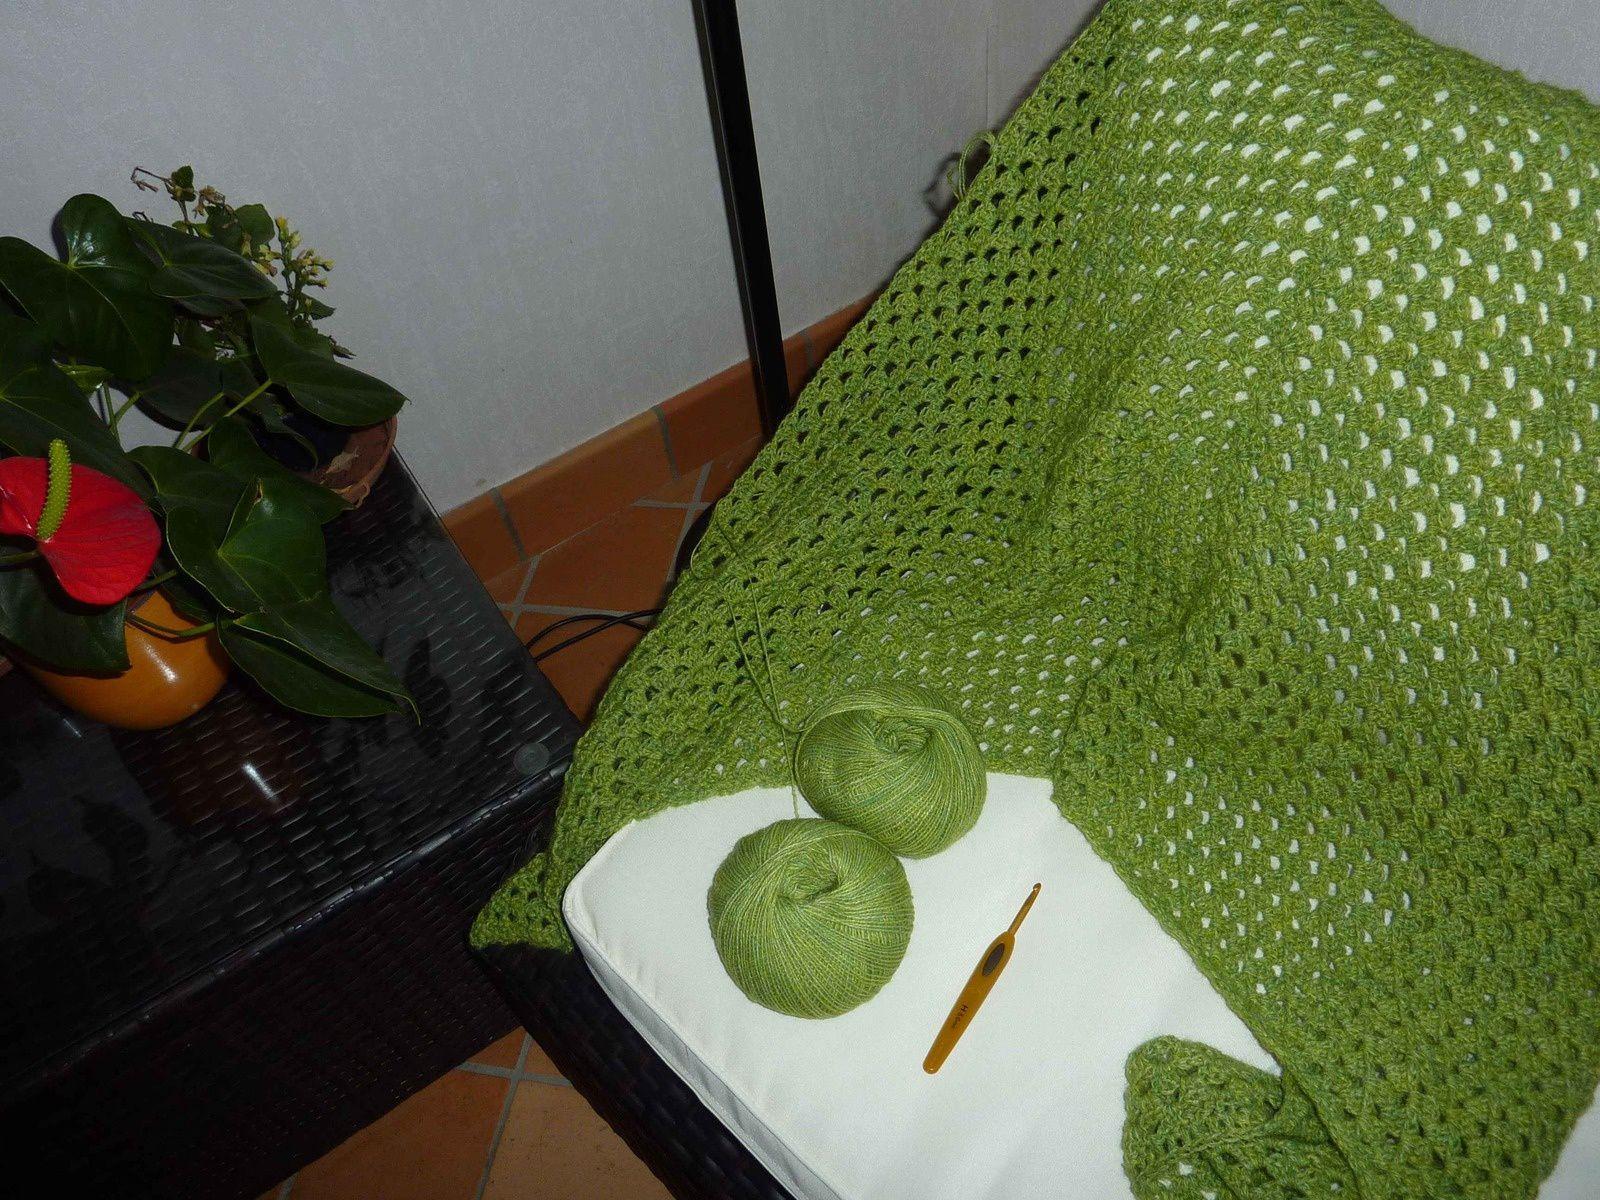 Un peu de verdure...